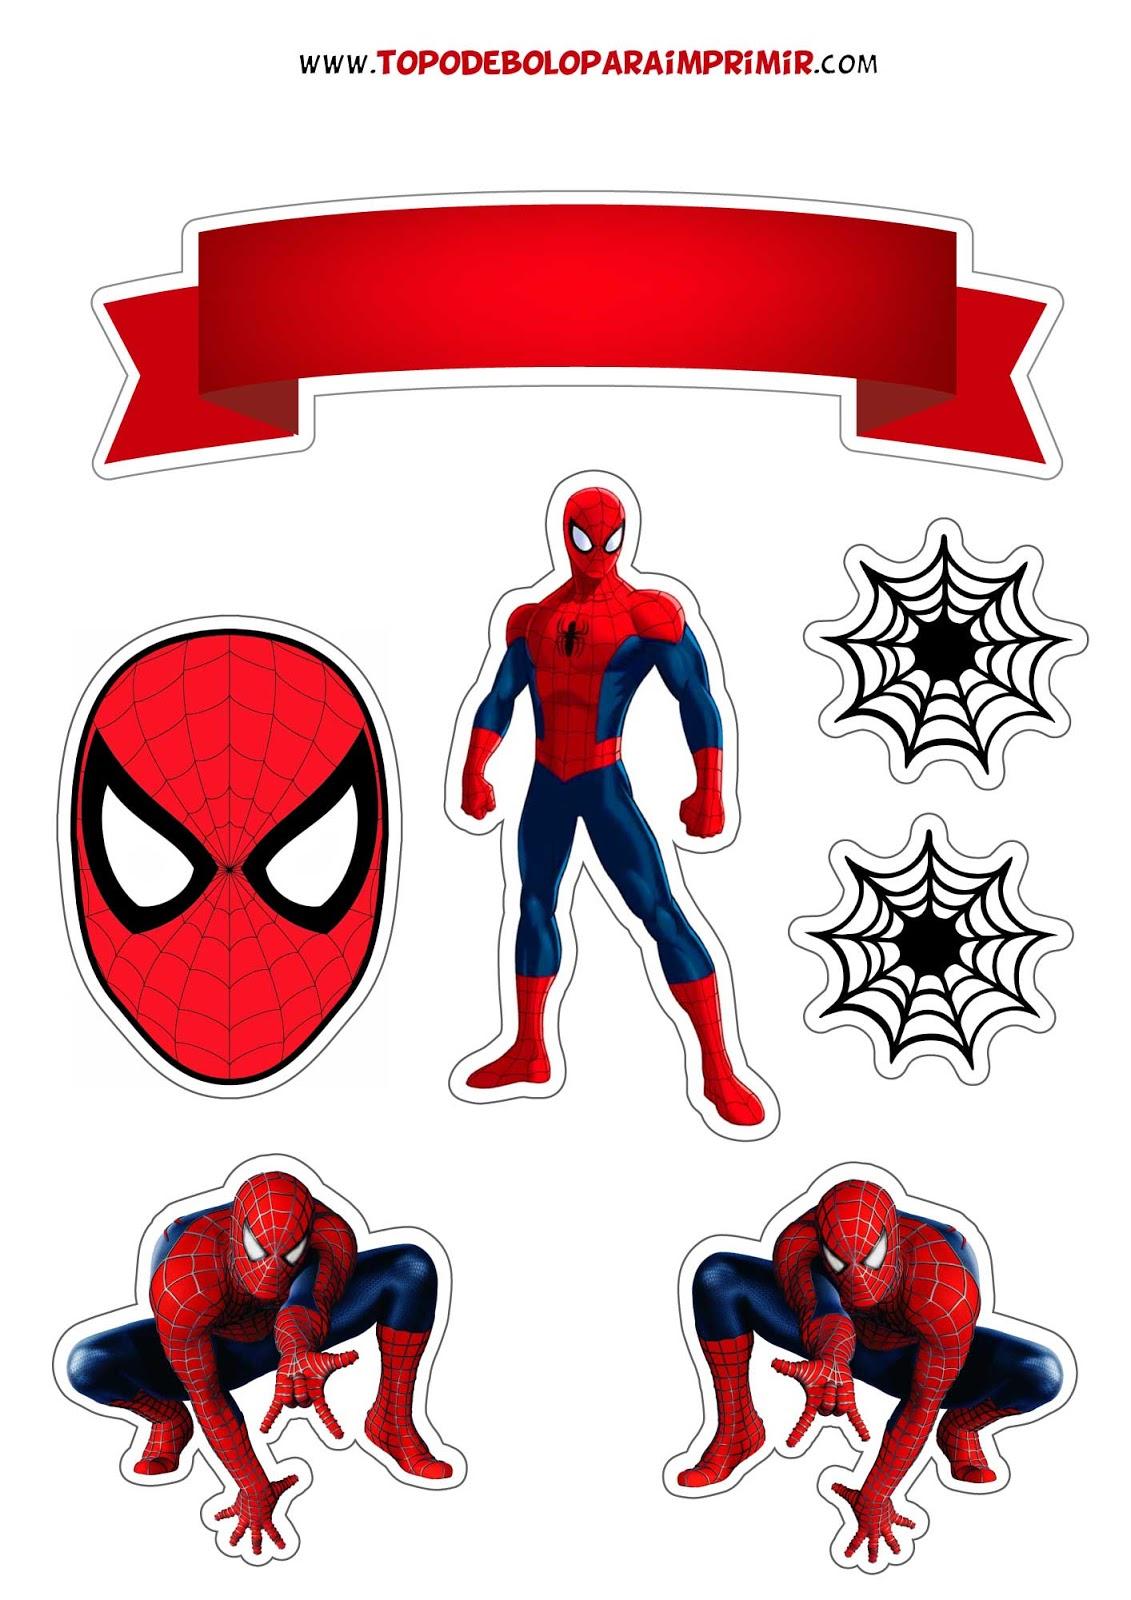 Topo De Bolo Homem Aranha Para Imprimir Topper De Bolo Para Imprimir